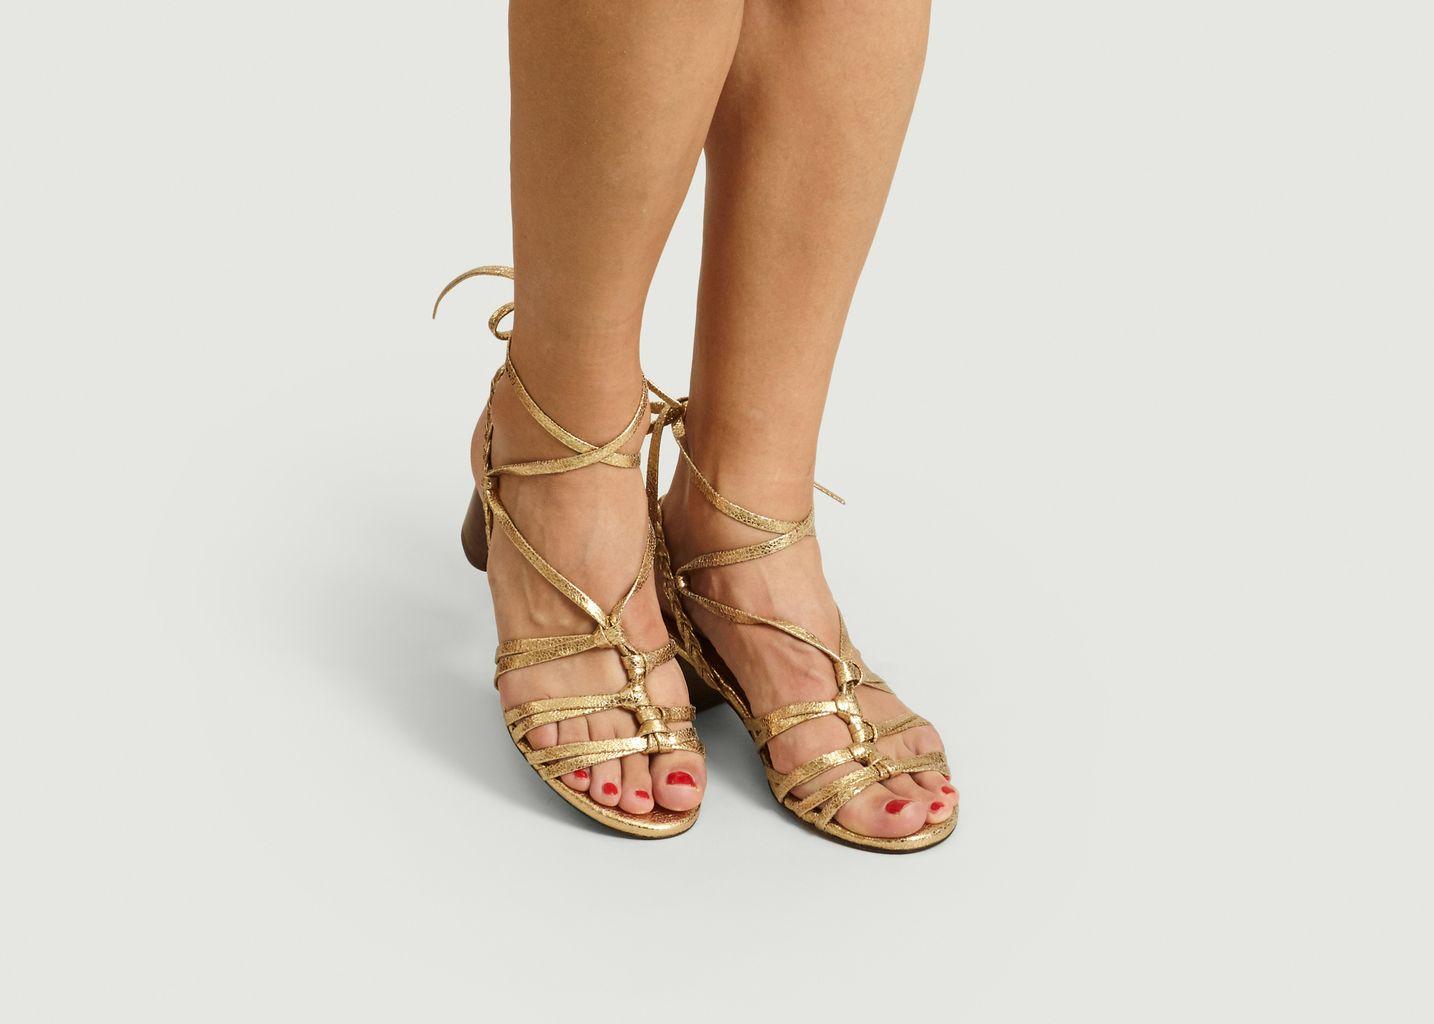 Sandales en cuir craquelé Camille - Anaki